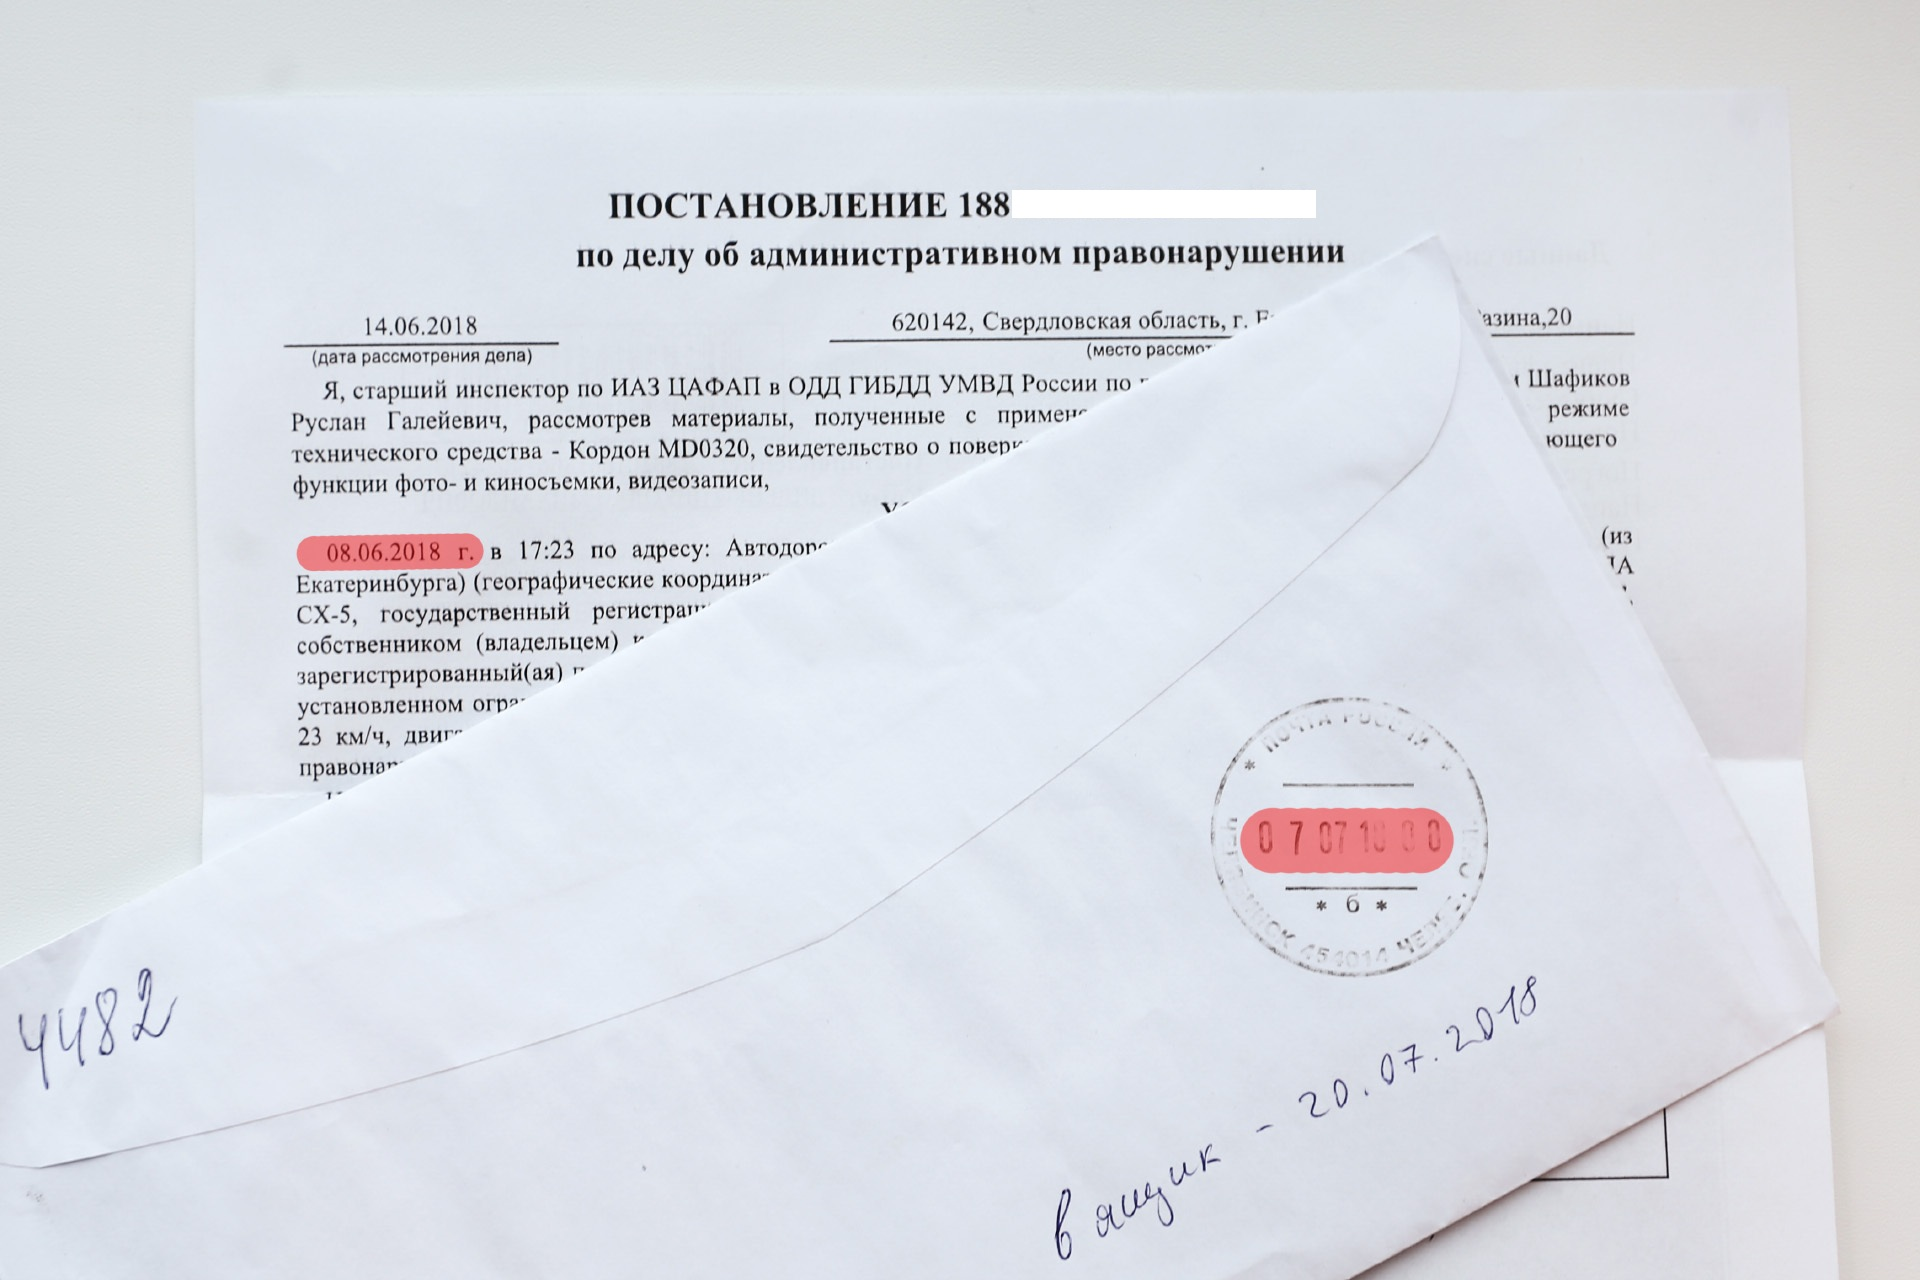 Владелец Mazda CX-5 Николай нарушил 8 июня, письмо пришло в почтовое отделение 7 июля, а извещение в почтовый ящик — 20 июля. В таких случаях оплата штрафа со скидкой возможна, если владелец отследил его через электронные системы и оплатил в первые 20 суток